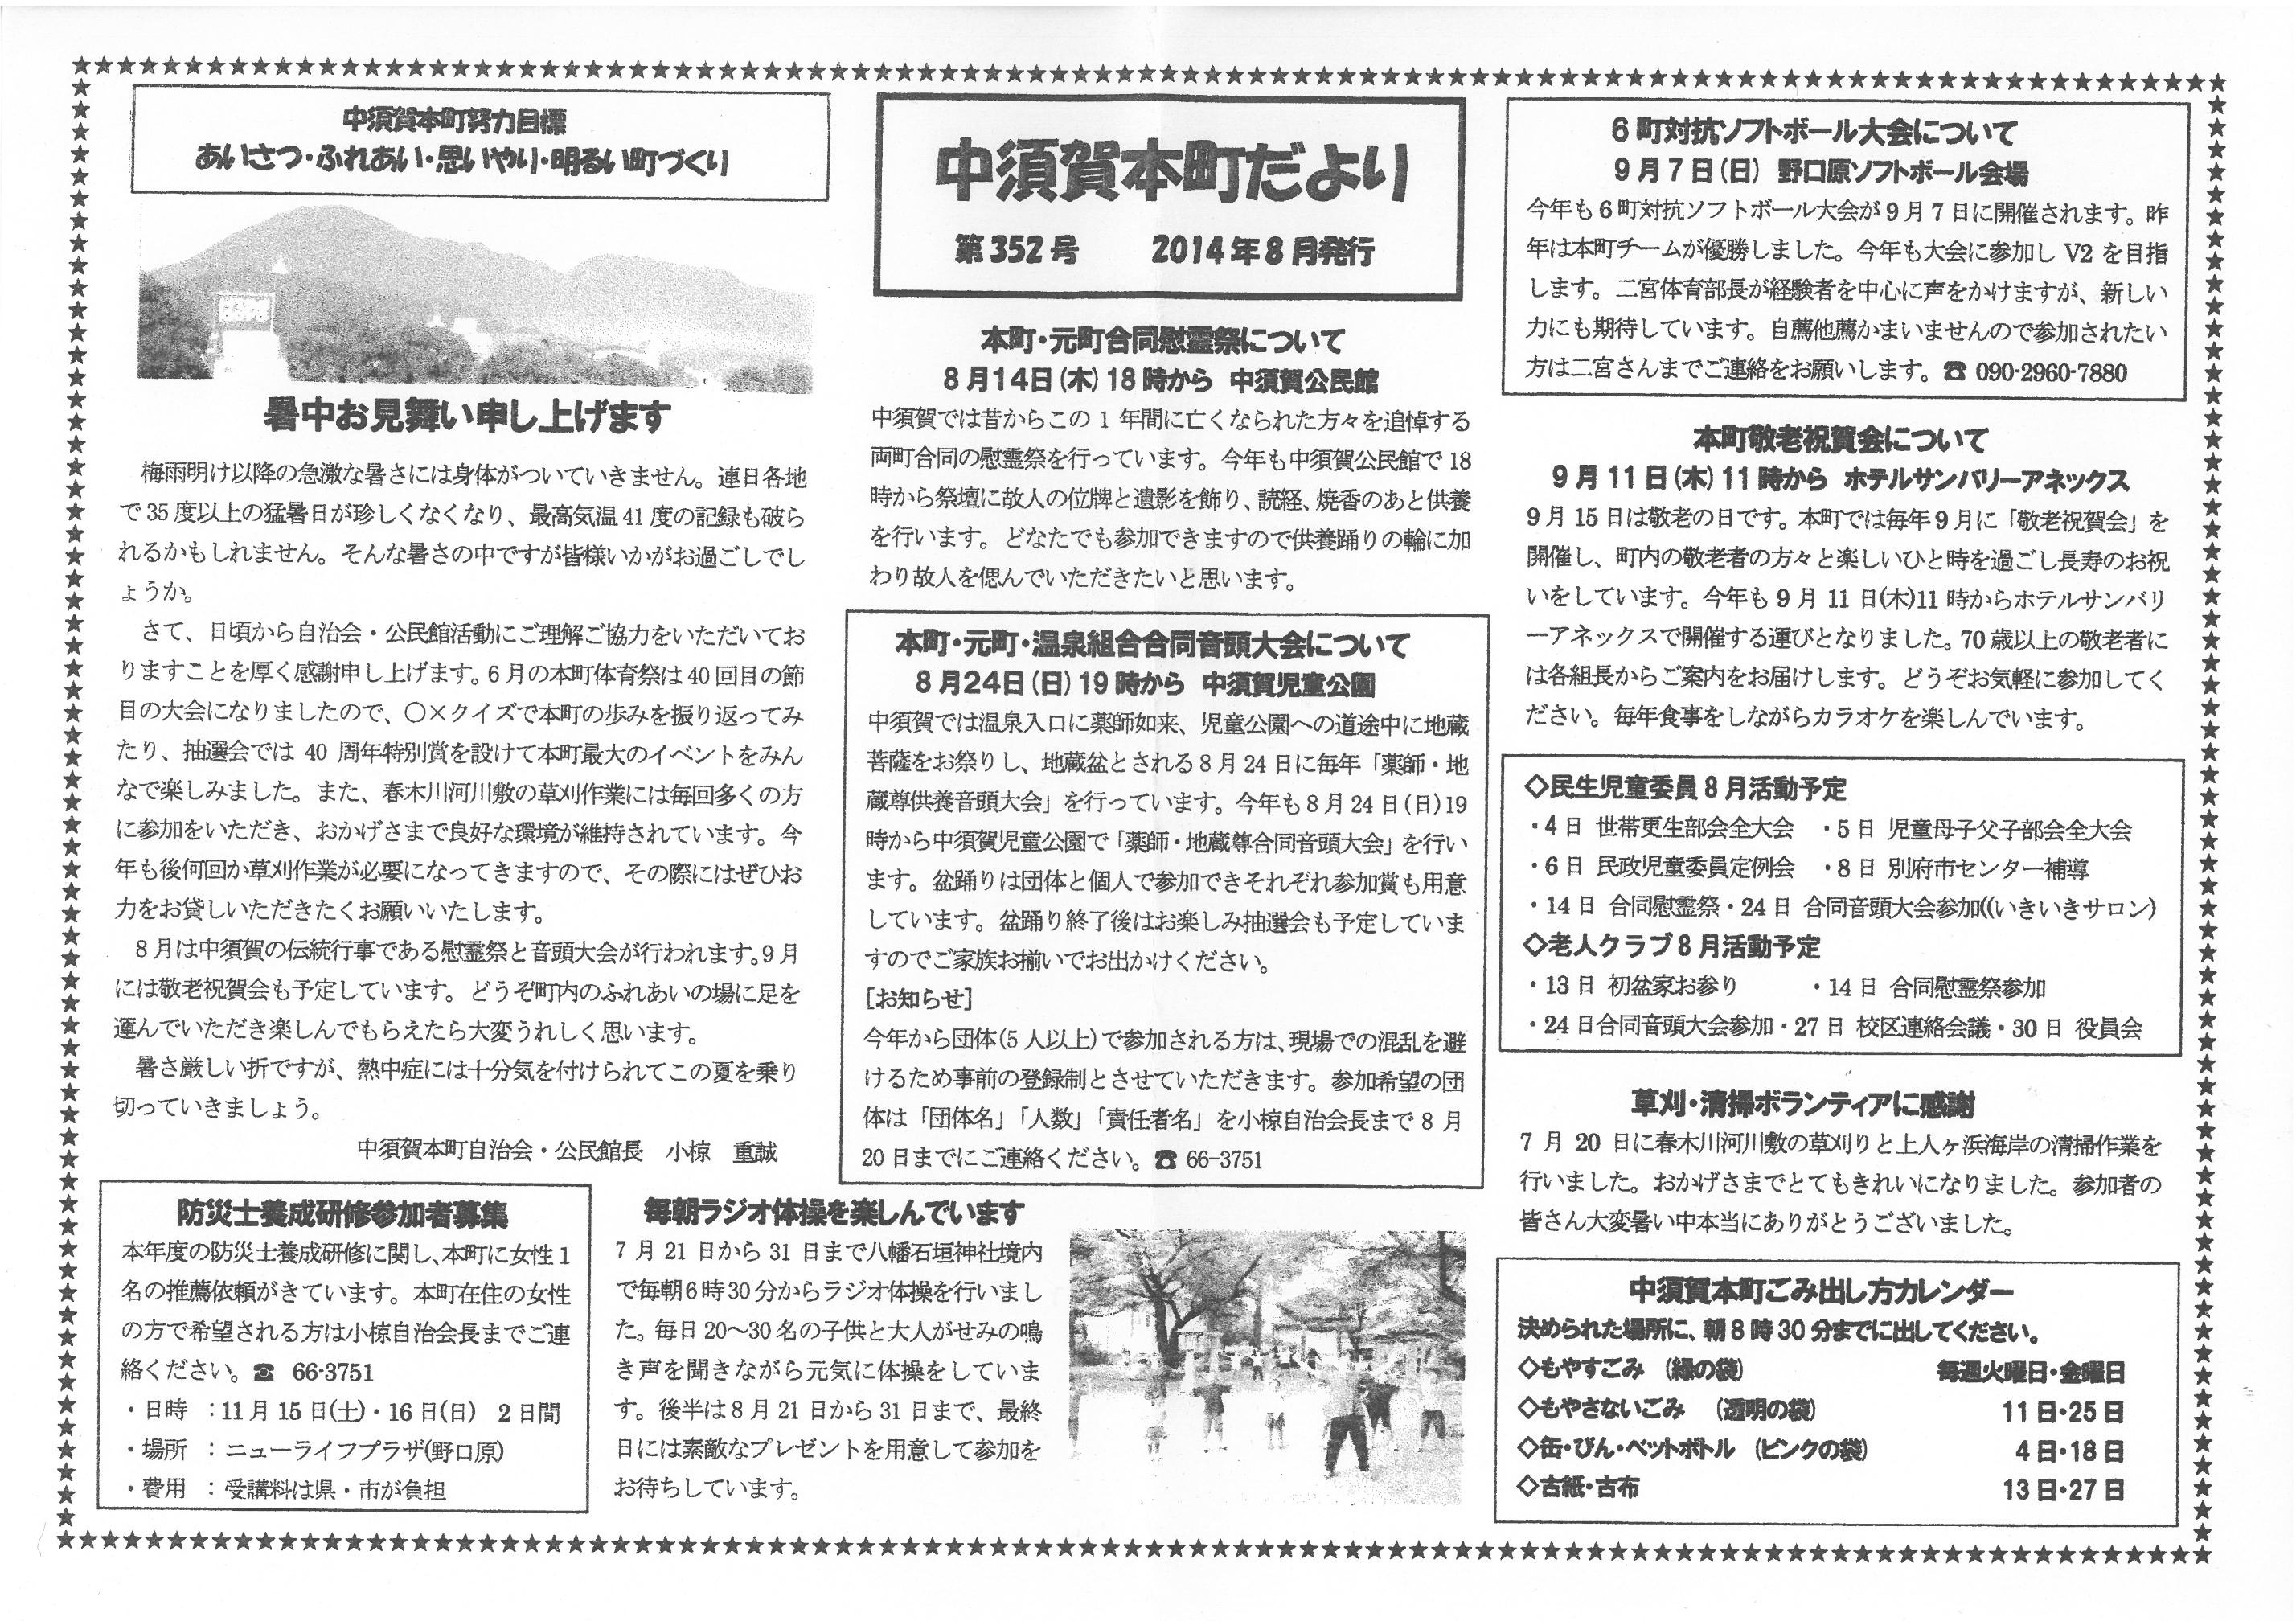 nakasugahonmachi_2014_08